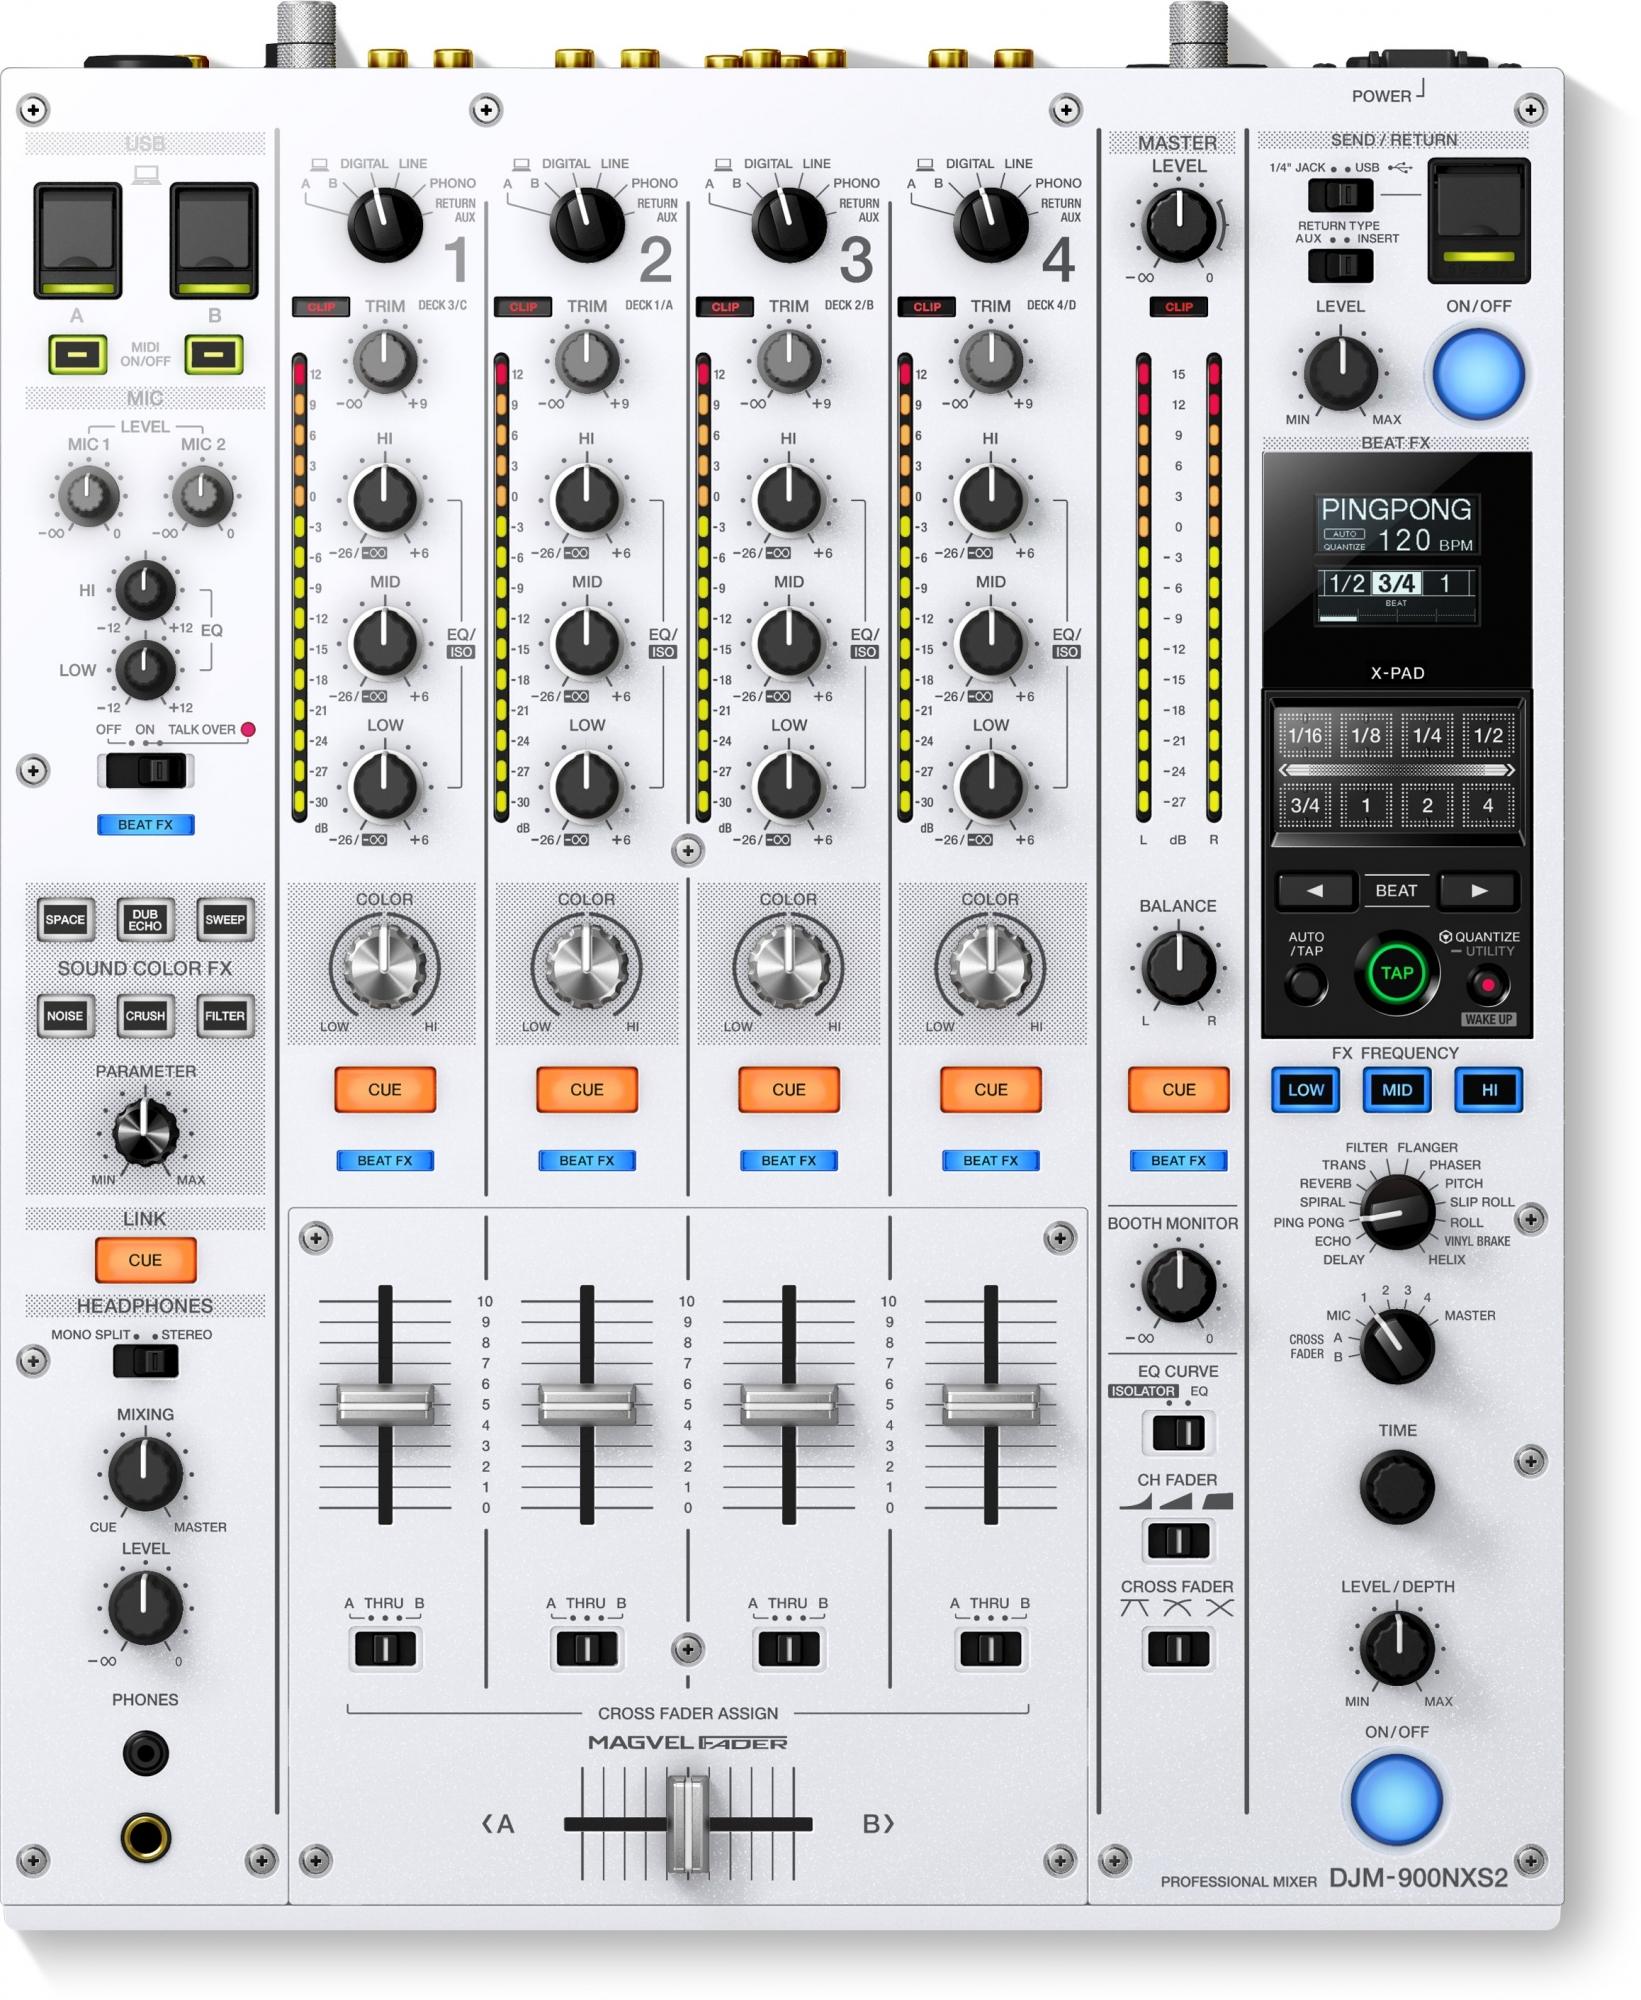 Pioneer DJM-900 NXS2 W limited edition DJ mixer